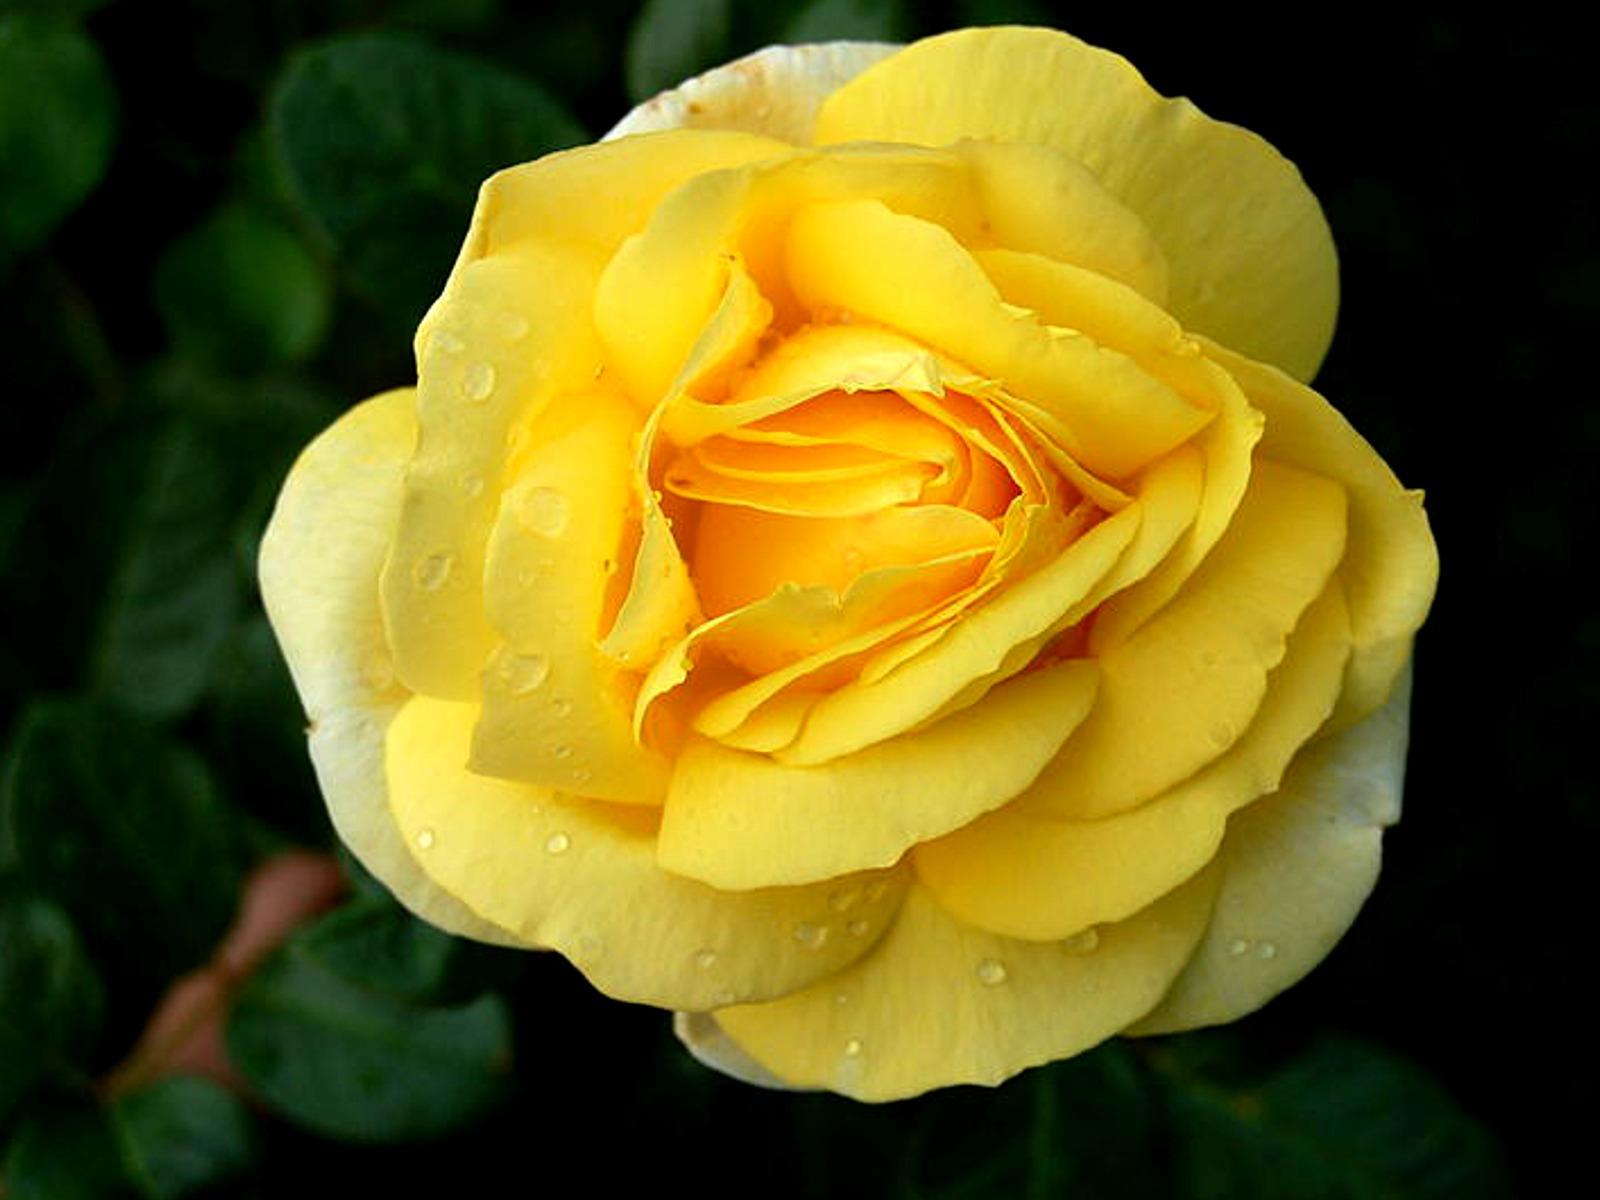 imágenes-bonitas-fotos-gratis-muy-lindas-para-compartir-en-facebook